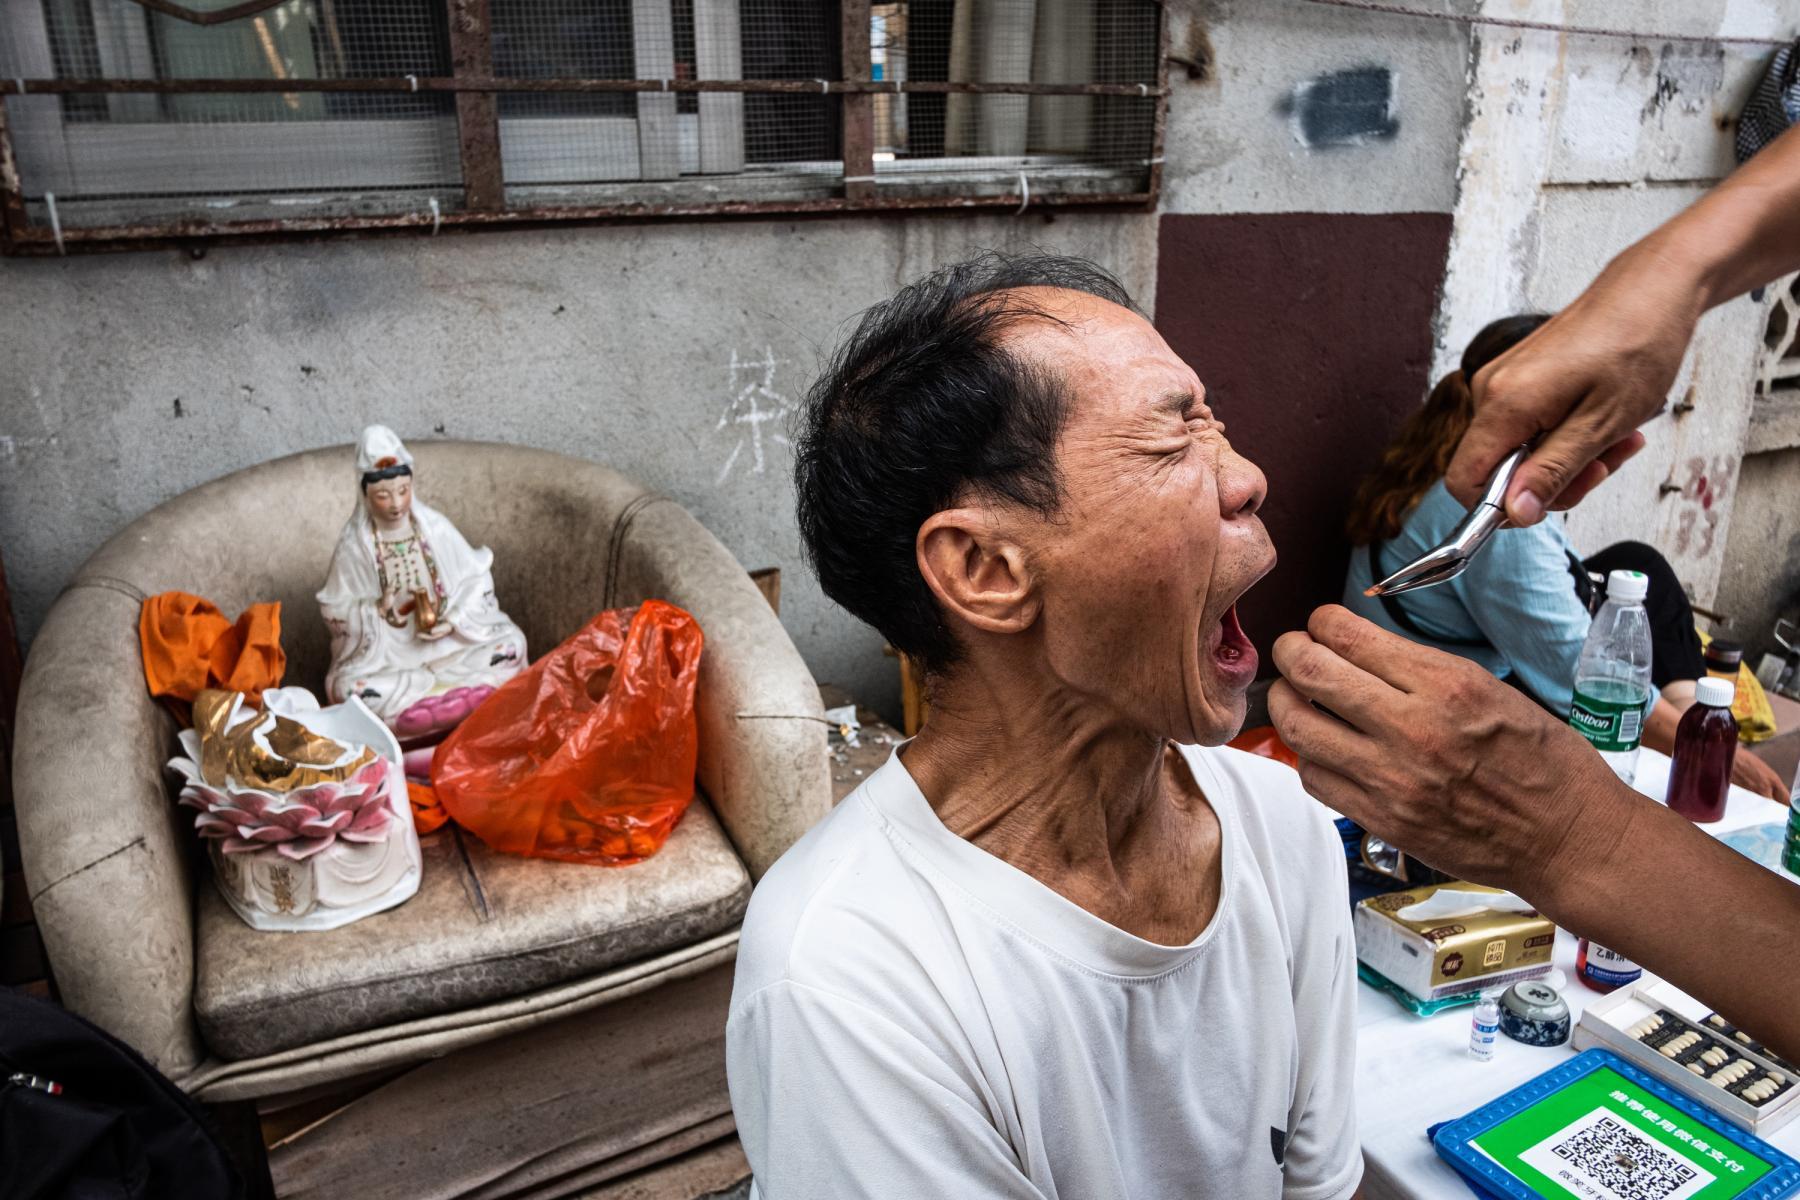 """hk_c_二言大俠  今時今日的現代社會,廣東佛山還能找到街頭拔牙的蹤影。當牙齒被拔出的瞬間,這位大叔的臉上彷彿寫着一個""""痛""""字。.jpg"""